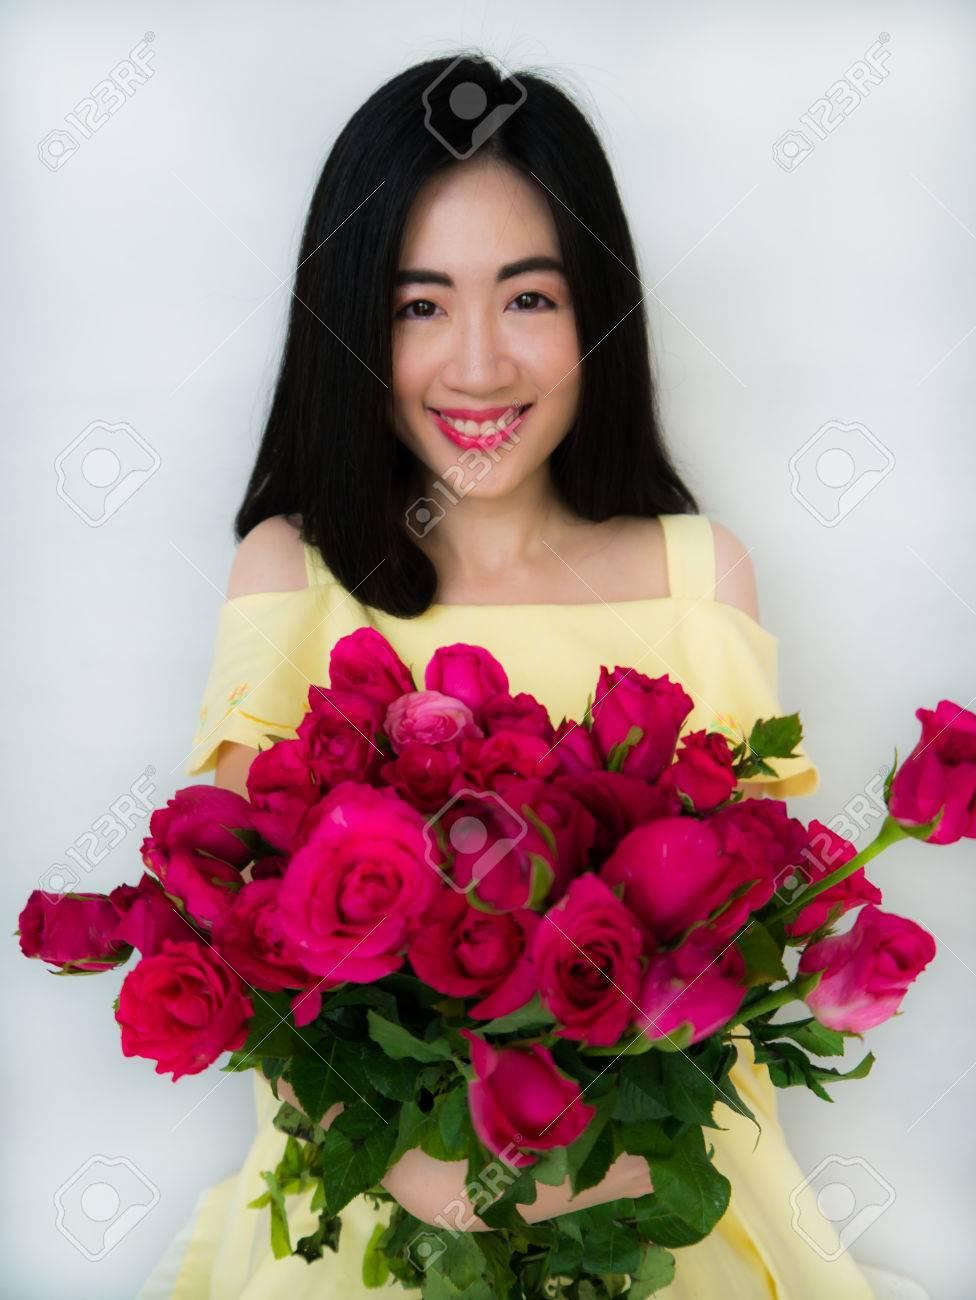 Фото девушка с розами в руках